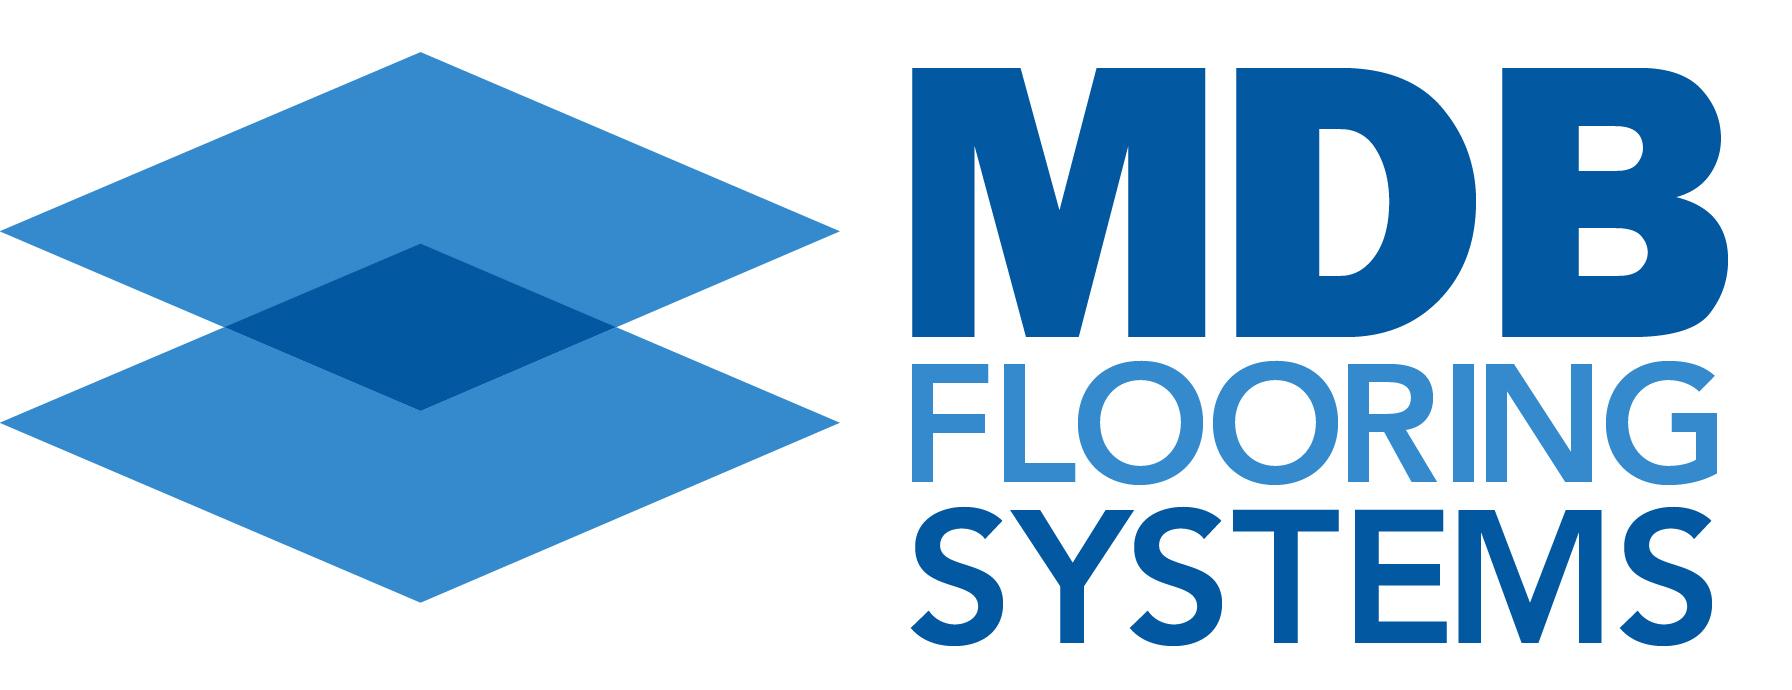 MDB flooring